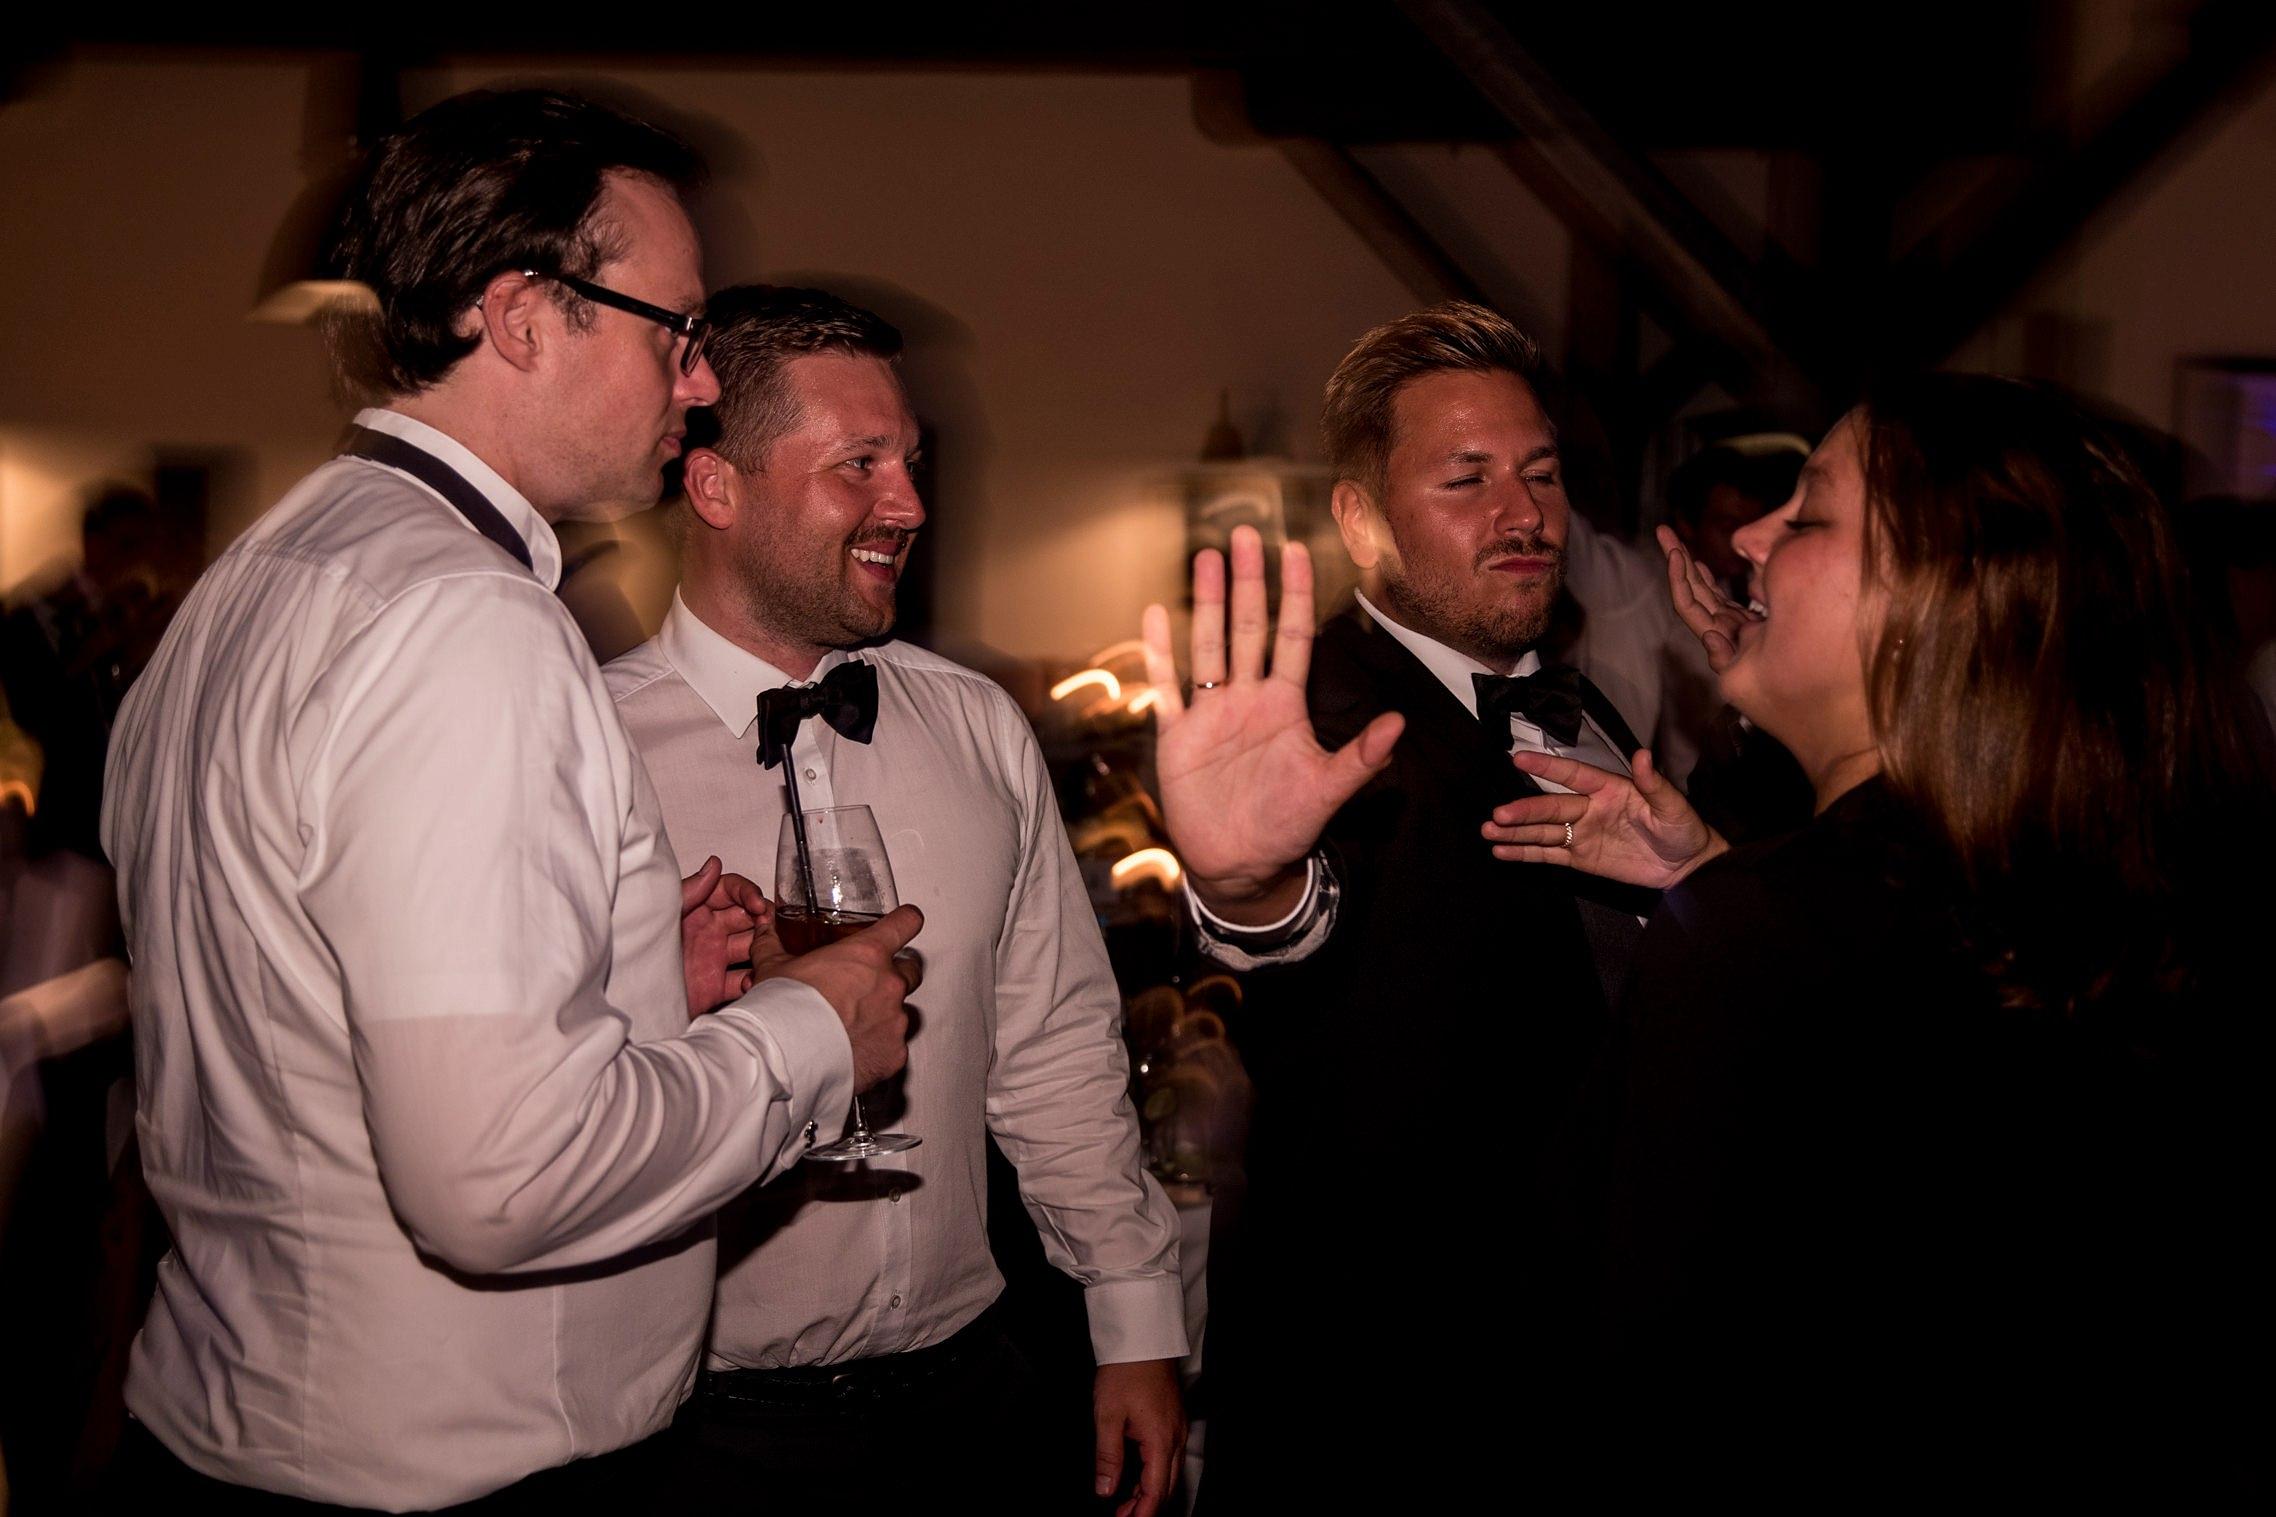 Die Gäste amüsieren sich auf der Tanzfläche im Gut Hermannsberg auf einer Hochzeitsfeier.